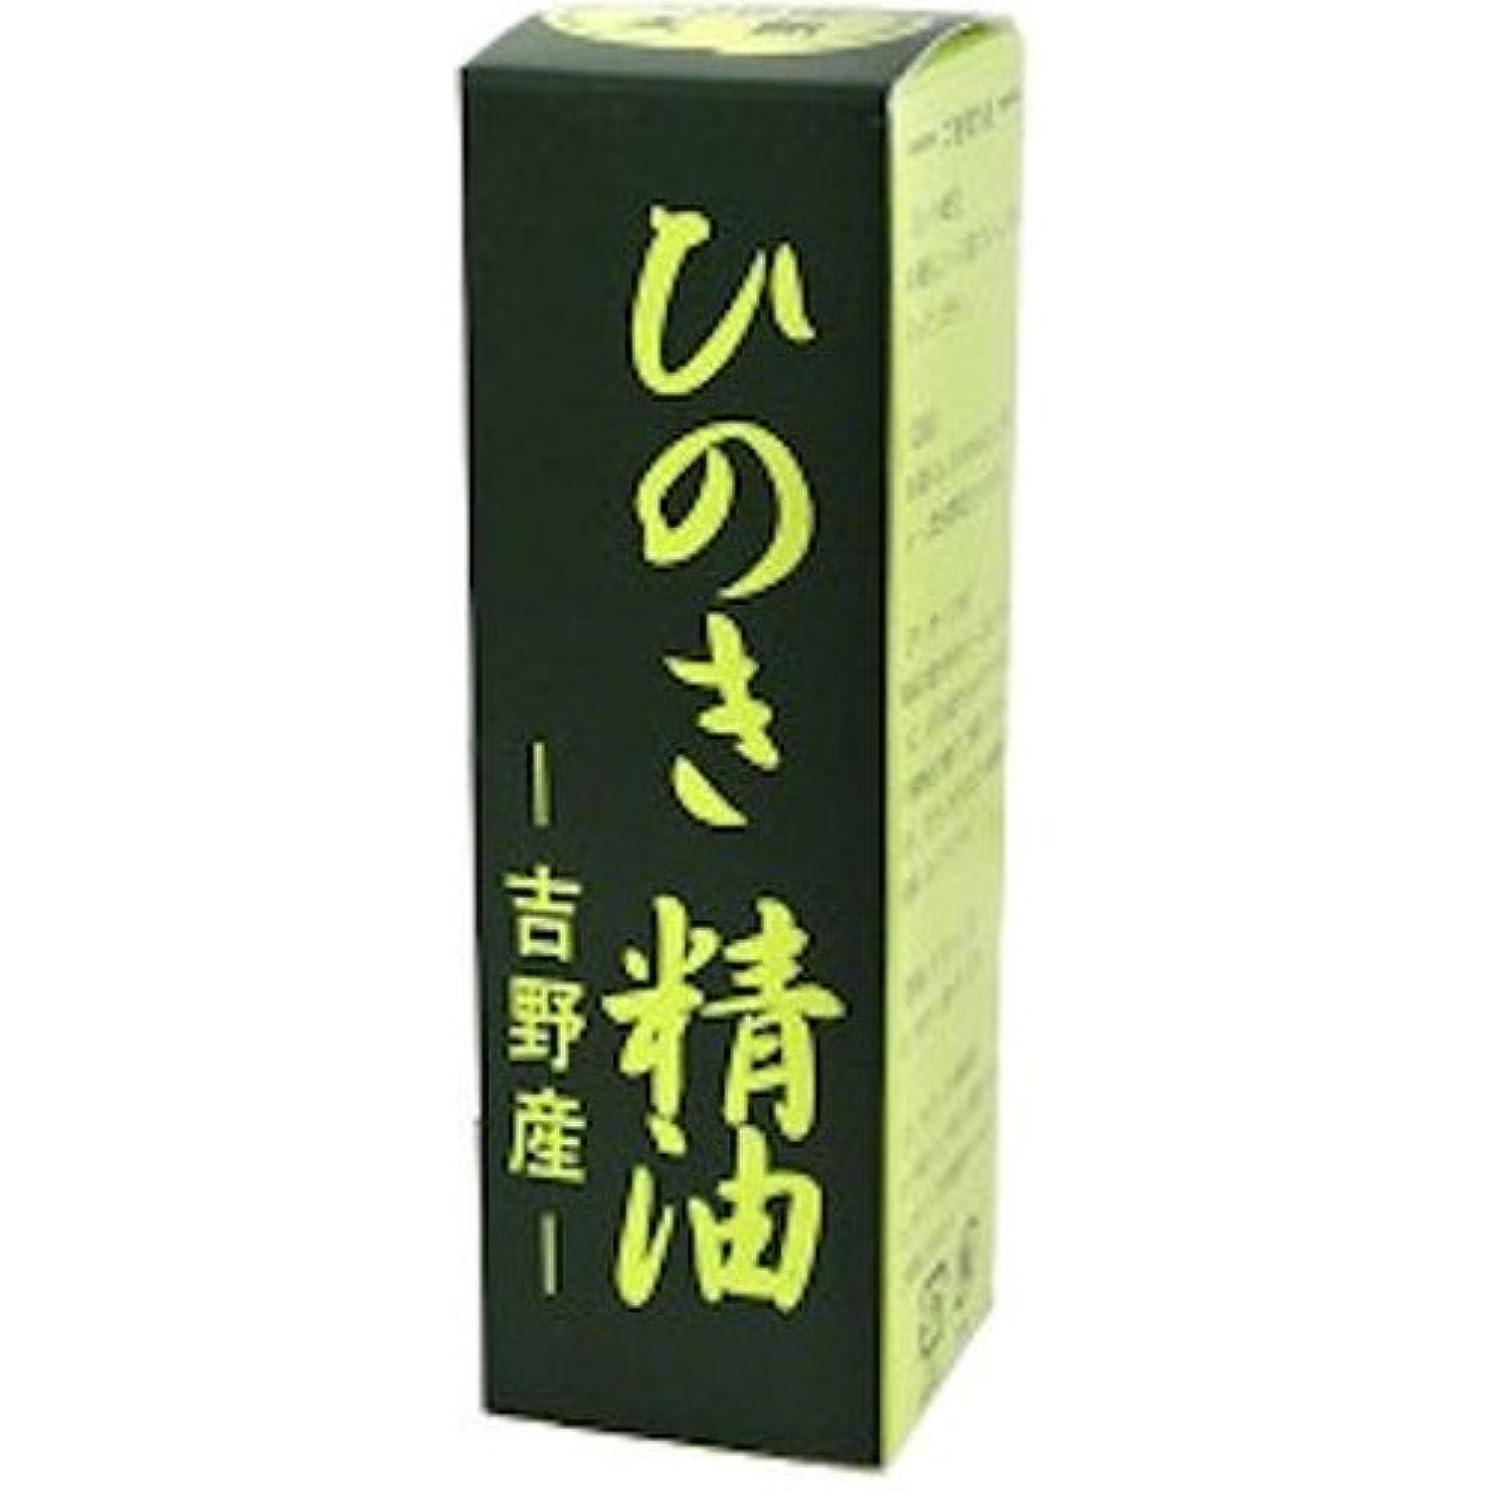 として破壊的大きい吉野ひのき精油(エッセンスオイル) 30ml